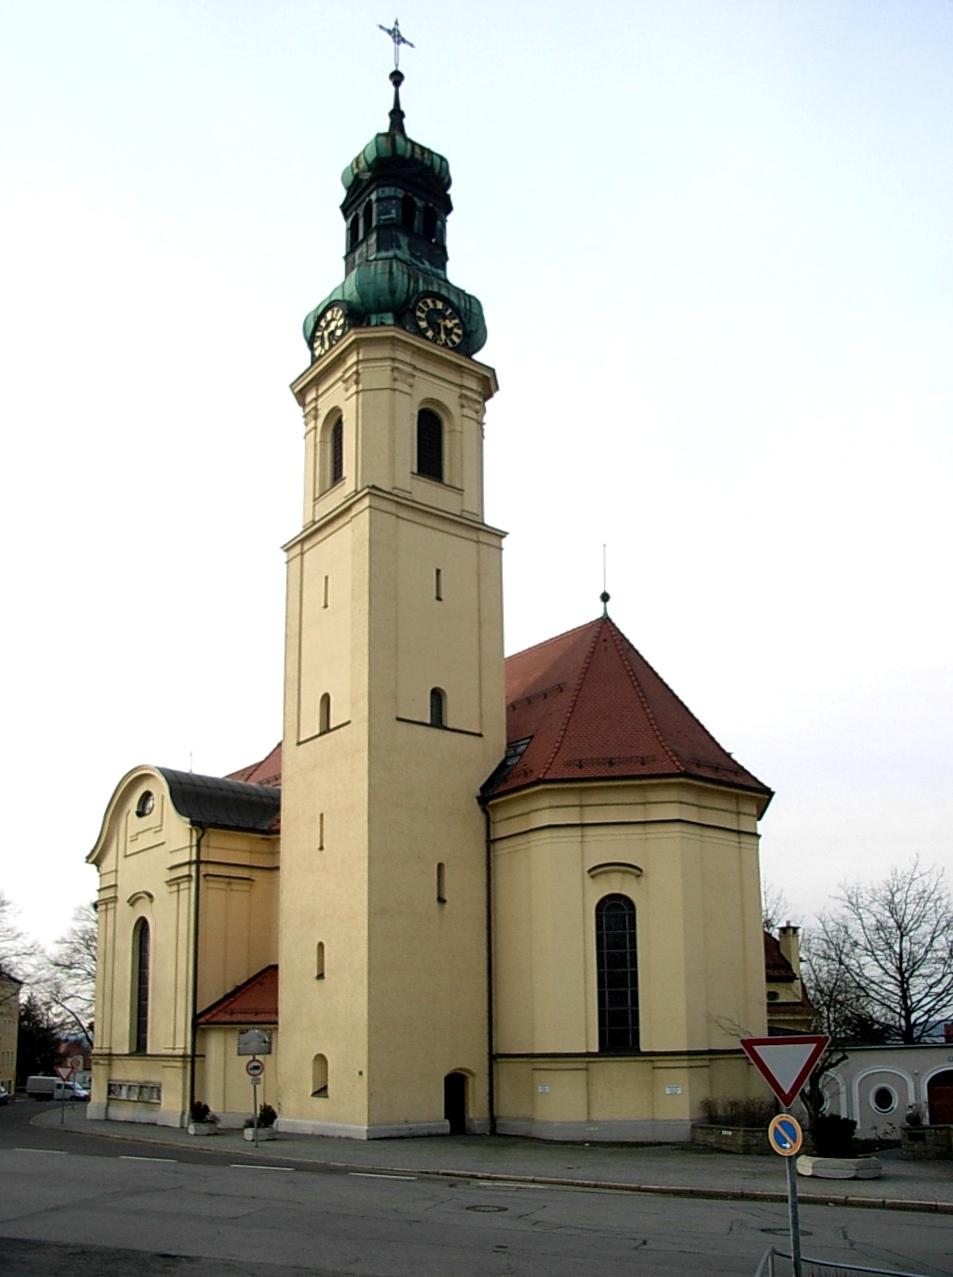 Pfarrkirche St  Anton2C Passau